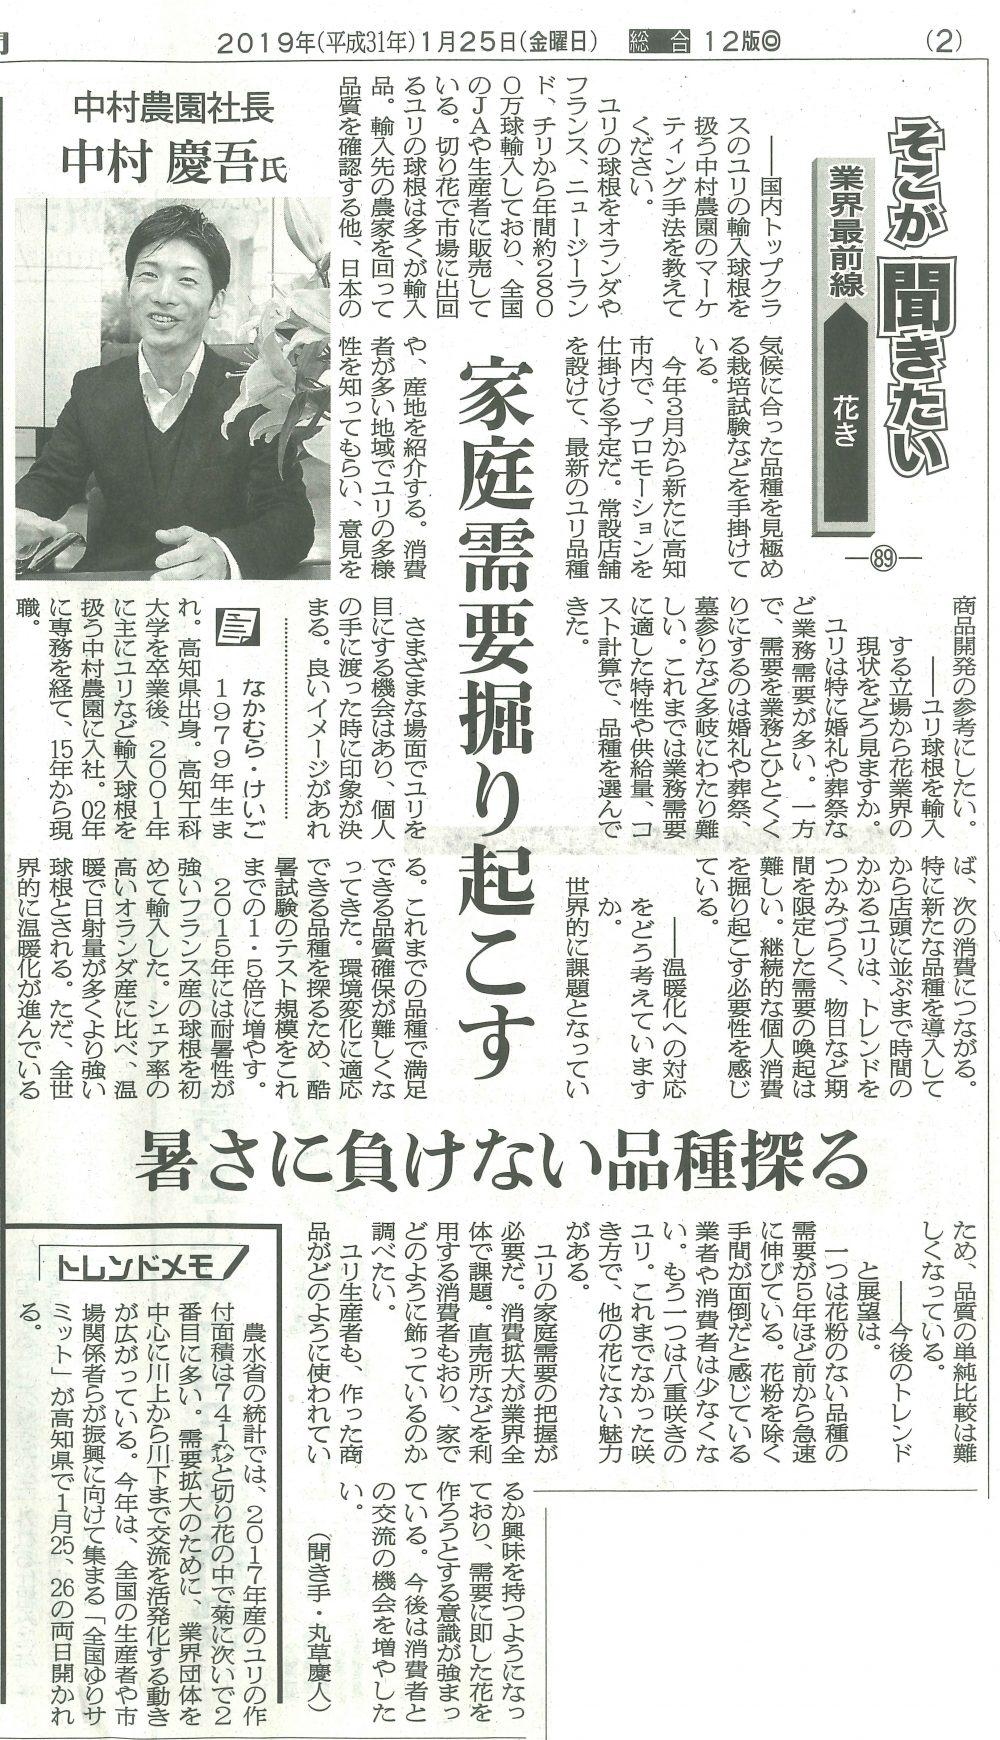 ゆりの需要喚起へ新たな挑戦(日本農業新聞)(2019/1/28)